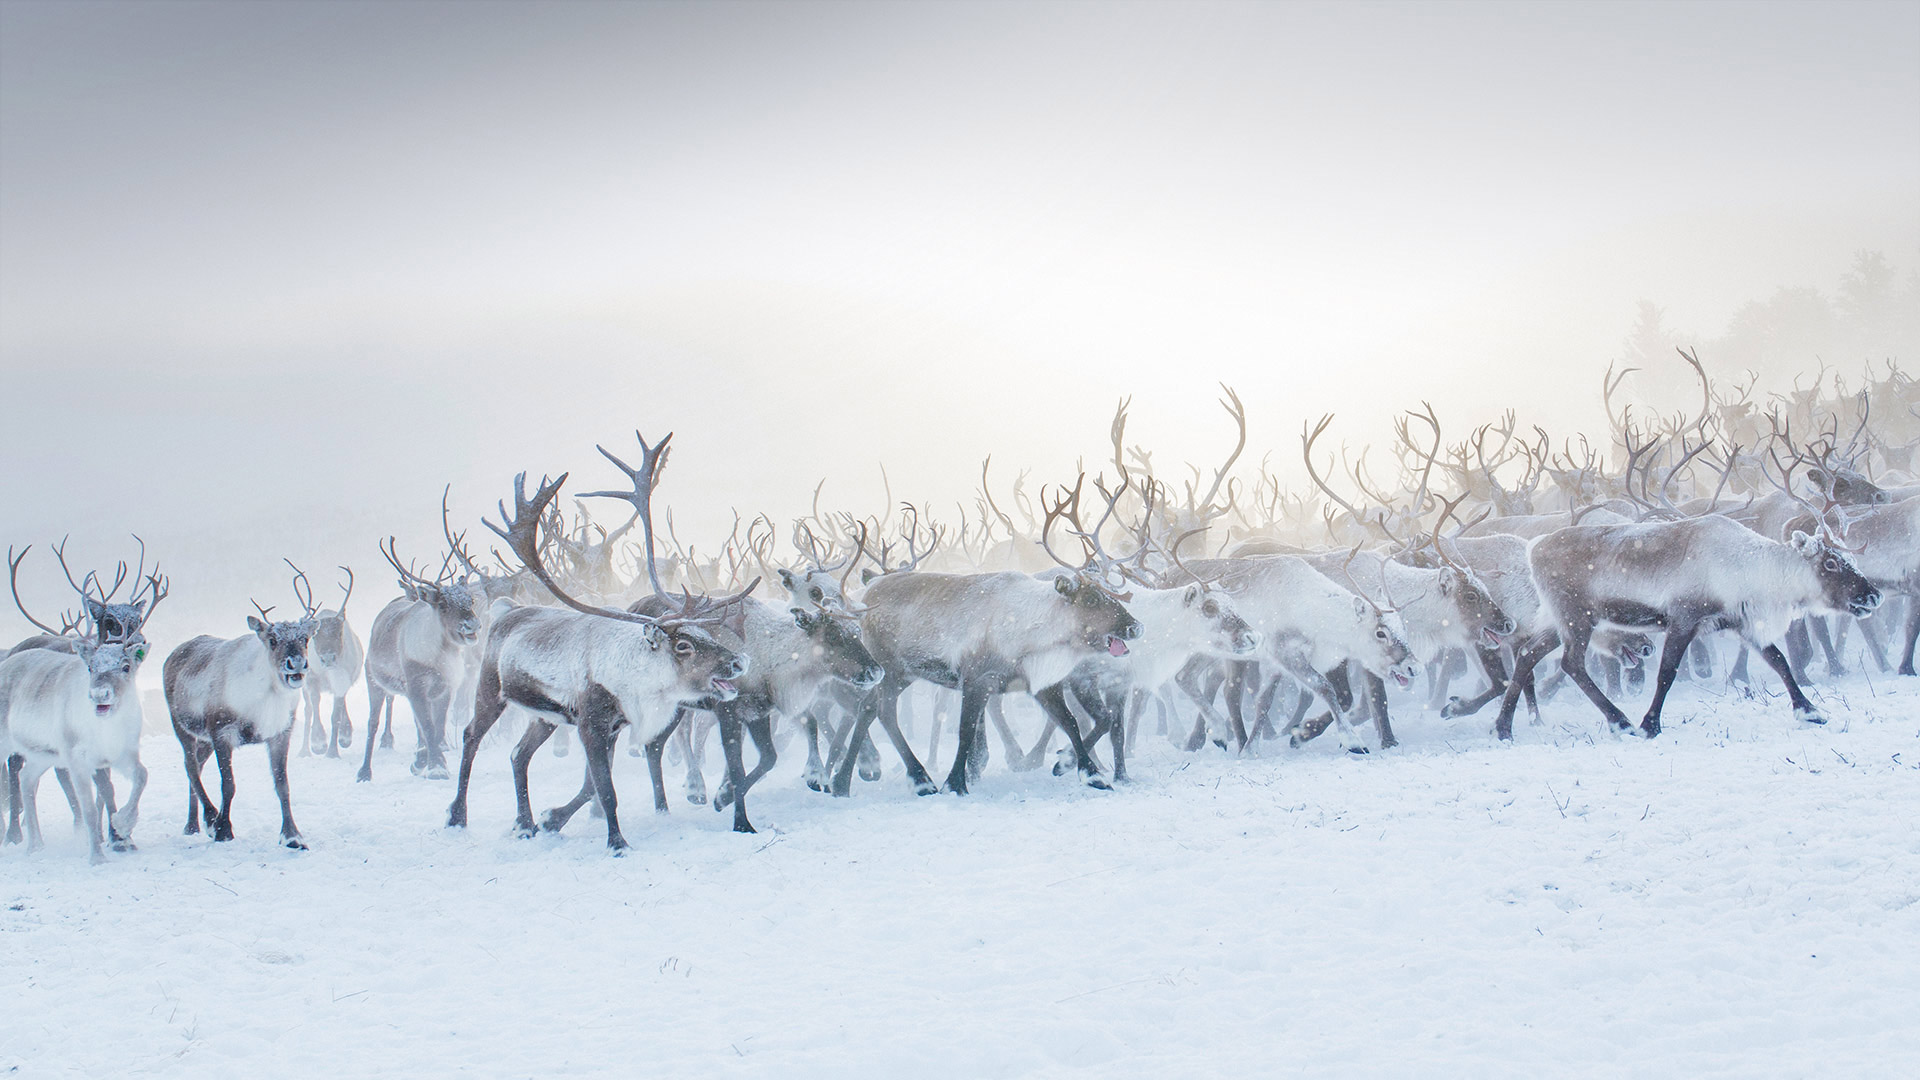 挪威的一群驯鹿 驯鹿